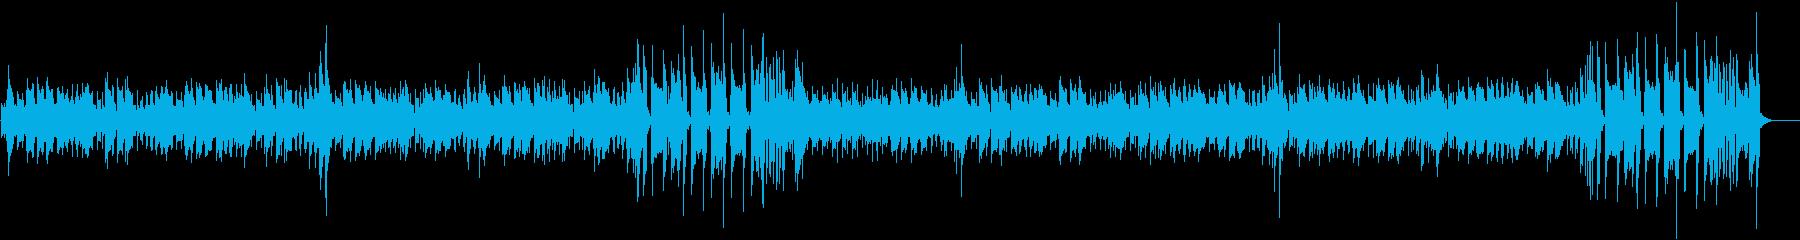 ジャズ楽器。スリック、スウィングイ...の再生済みの波形